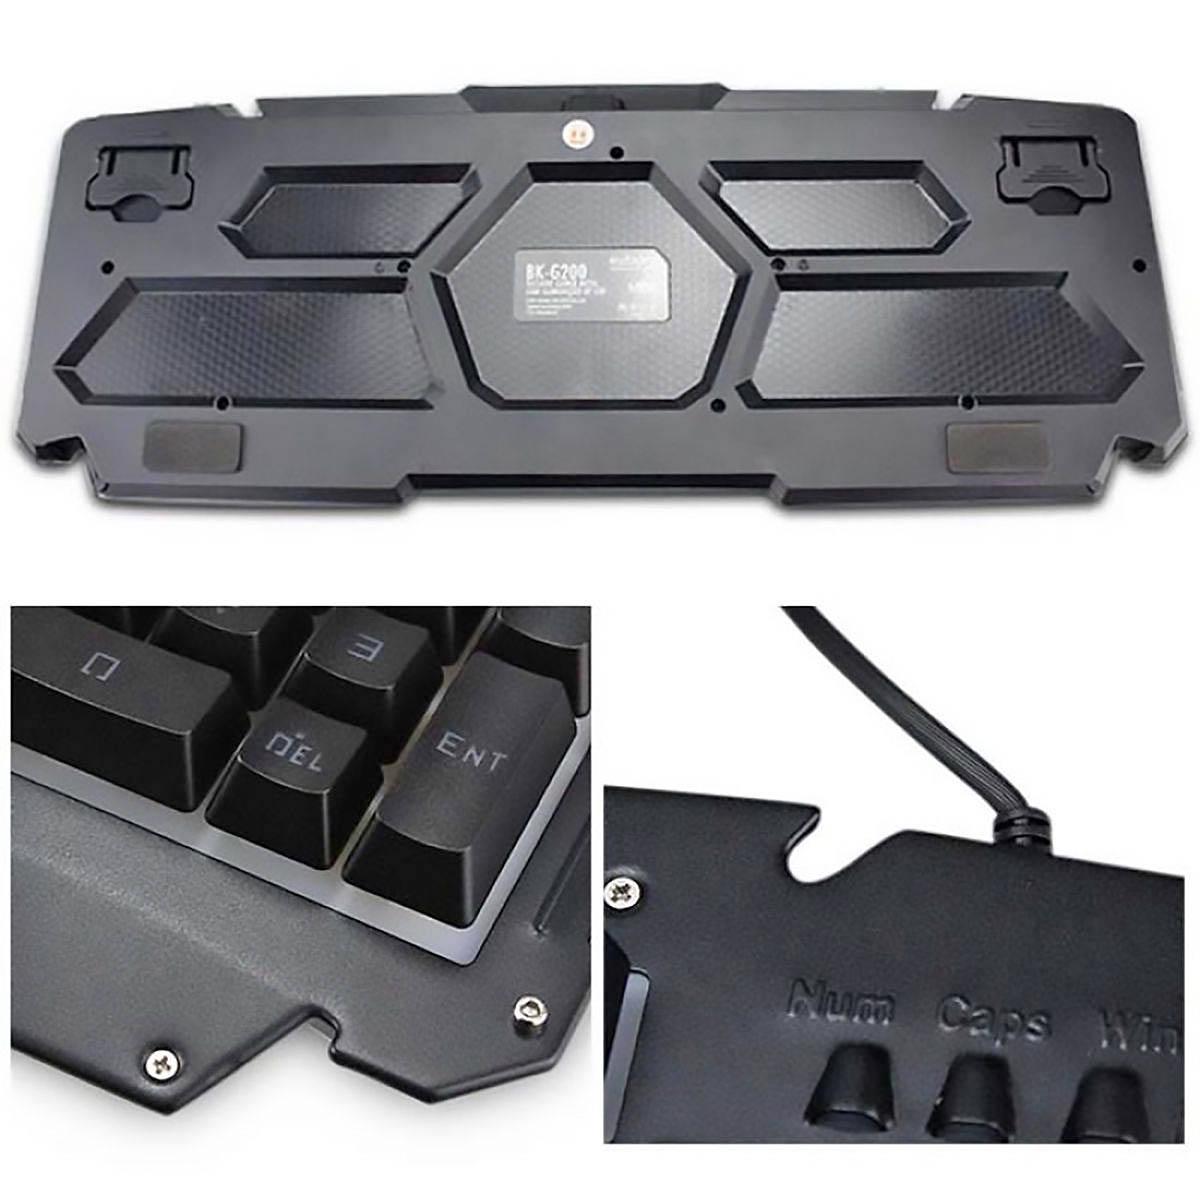 Teclado Gamer USB Semi-Mecânico com Iluminação LED e Acabamento em Metal Exbom BK-G200